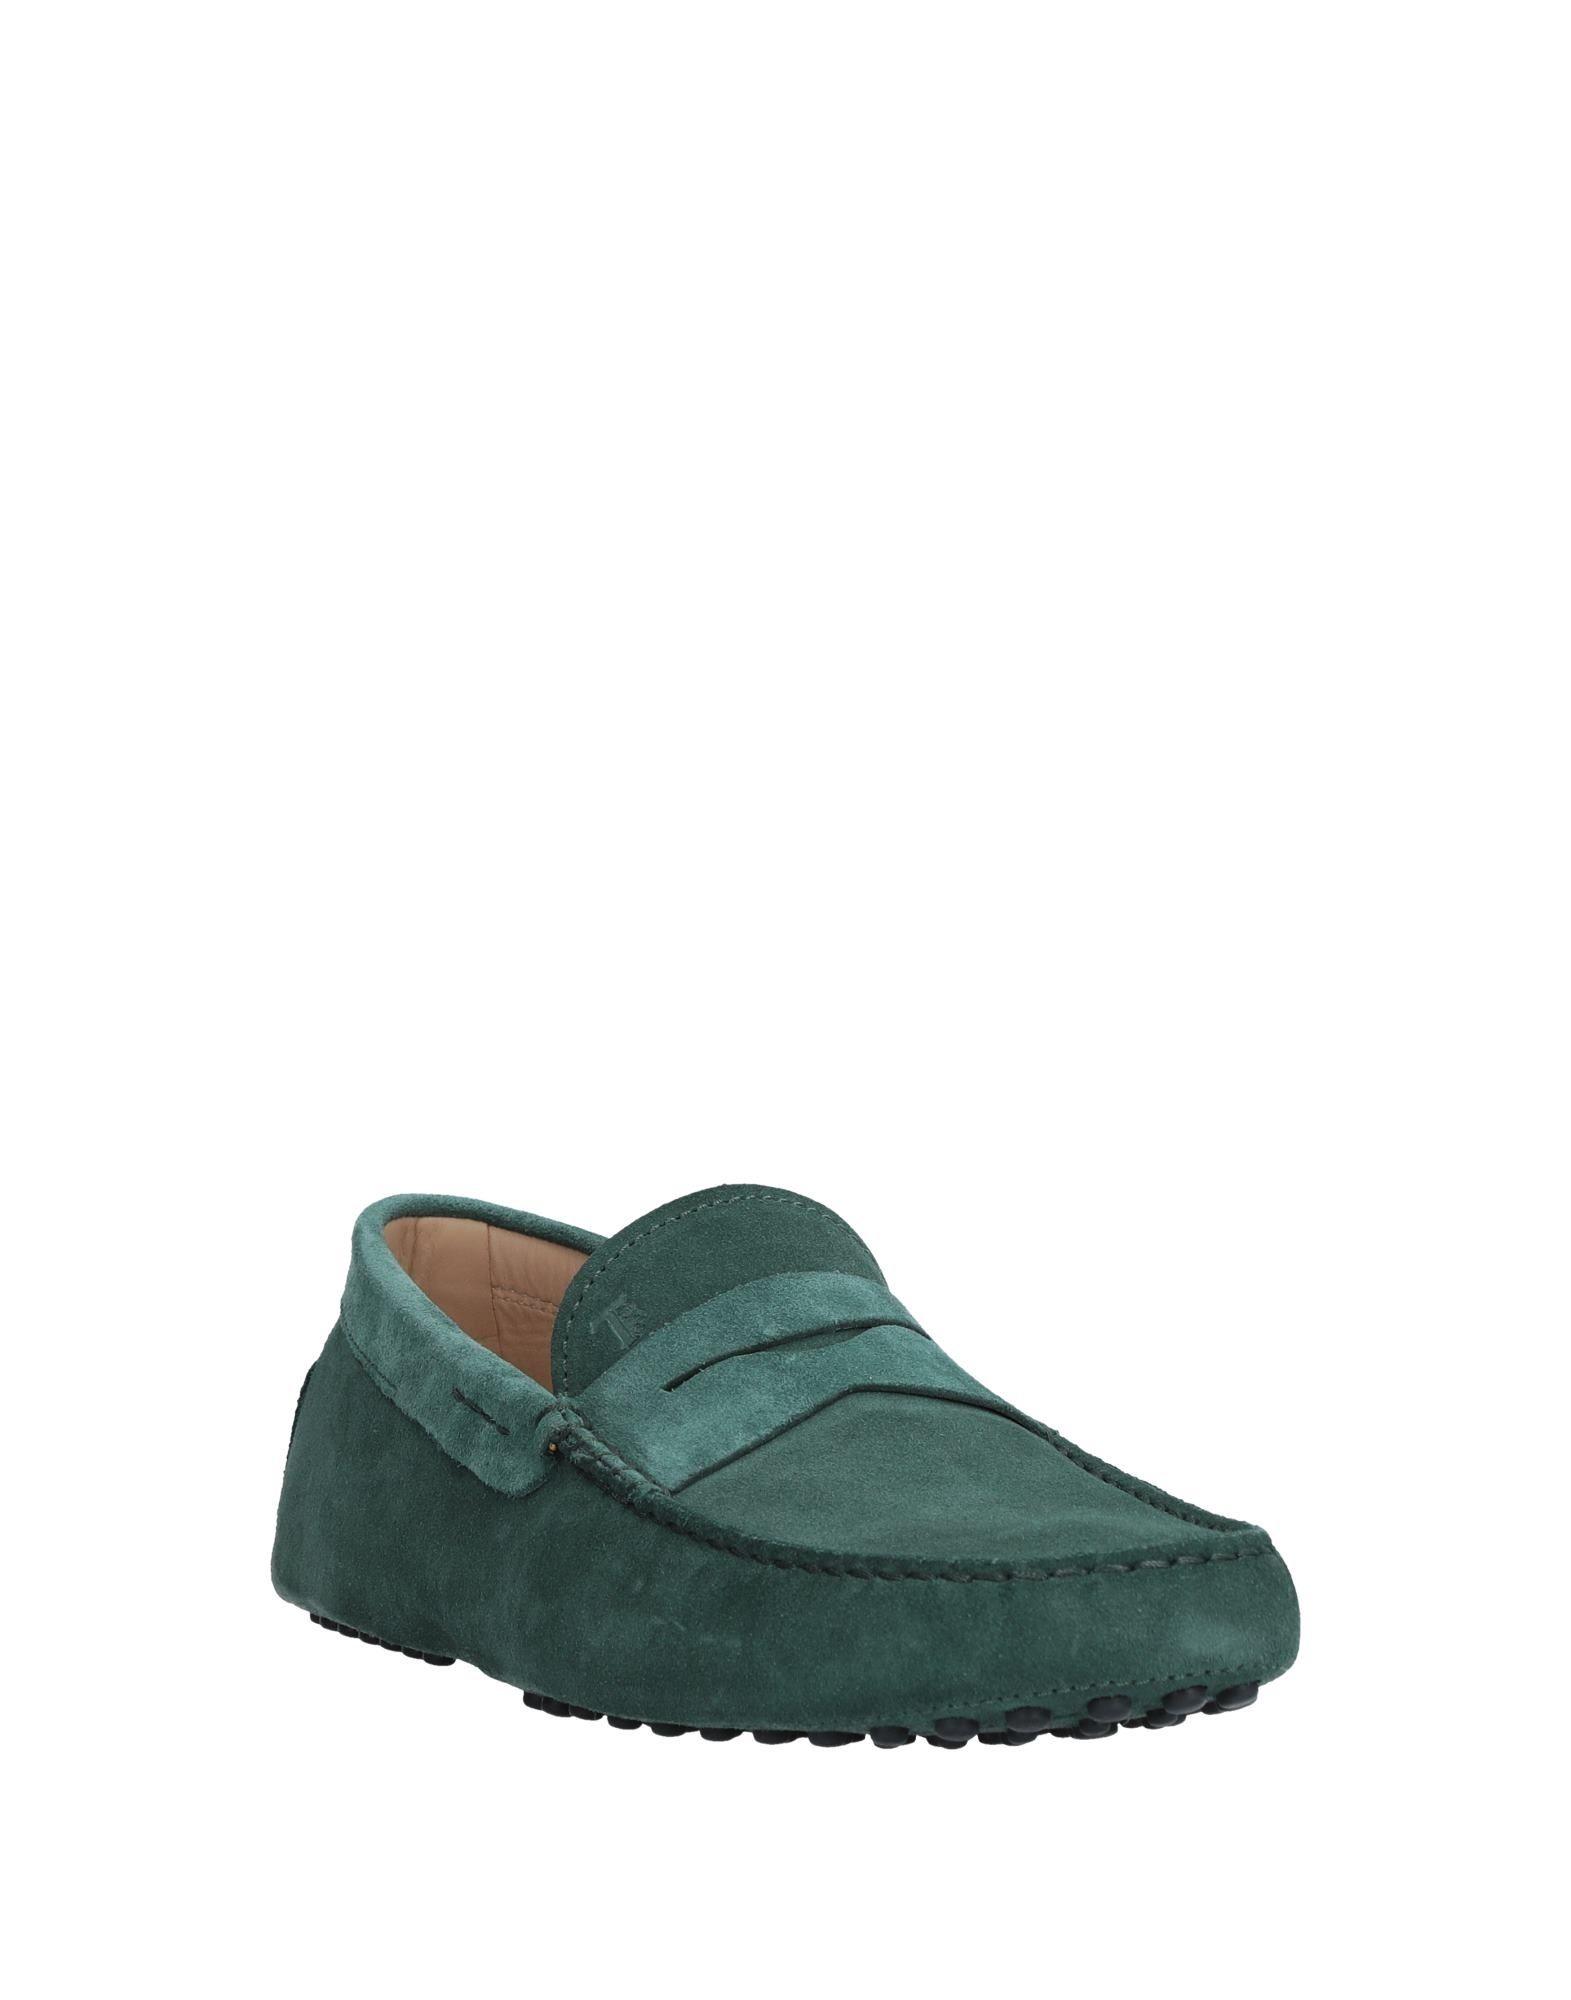 Tod's Mokassins Herren  11299929PR Schuhe Gute Qualität beliebte Schuhe 11299929PR c4f7e3